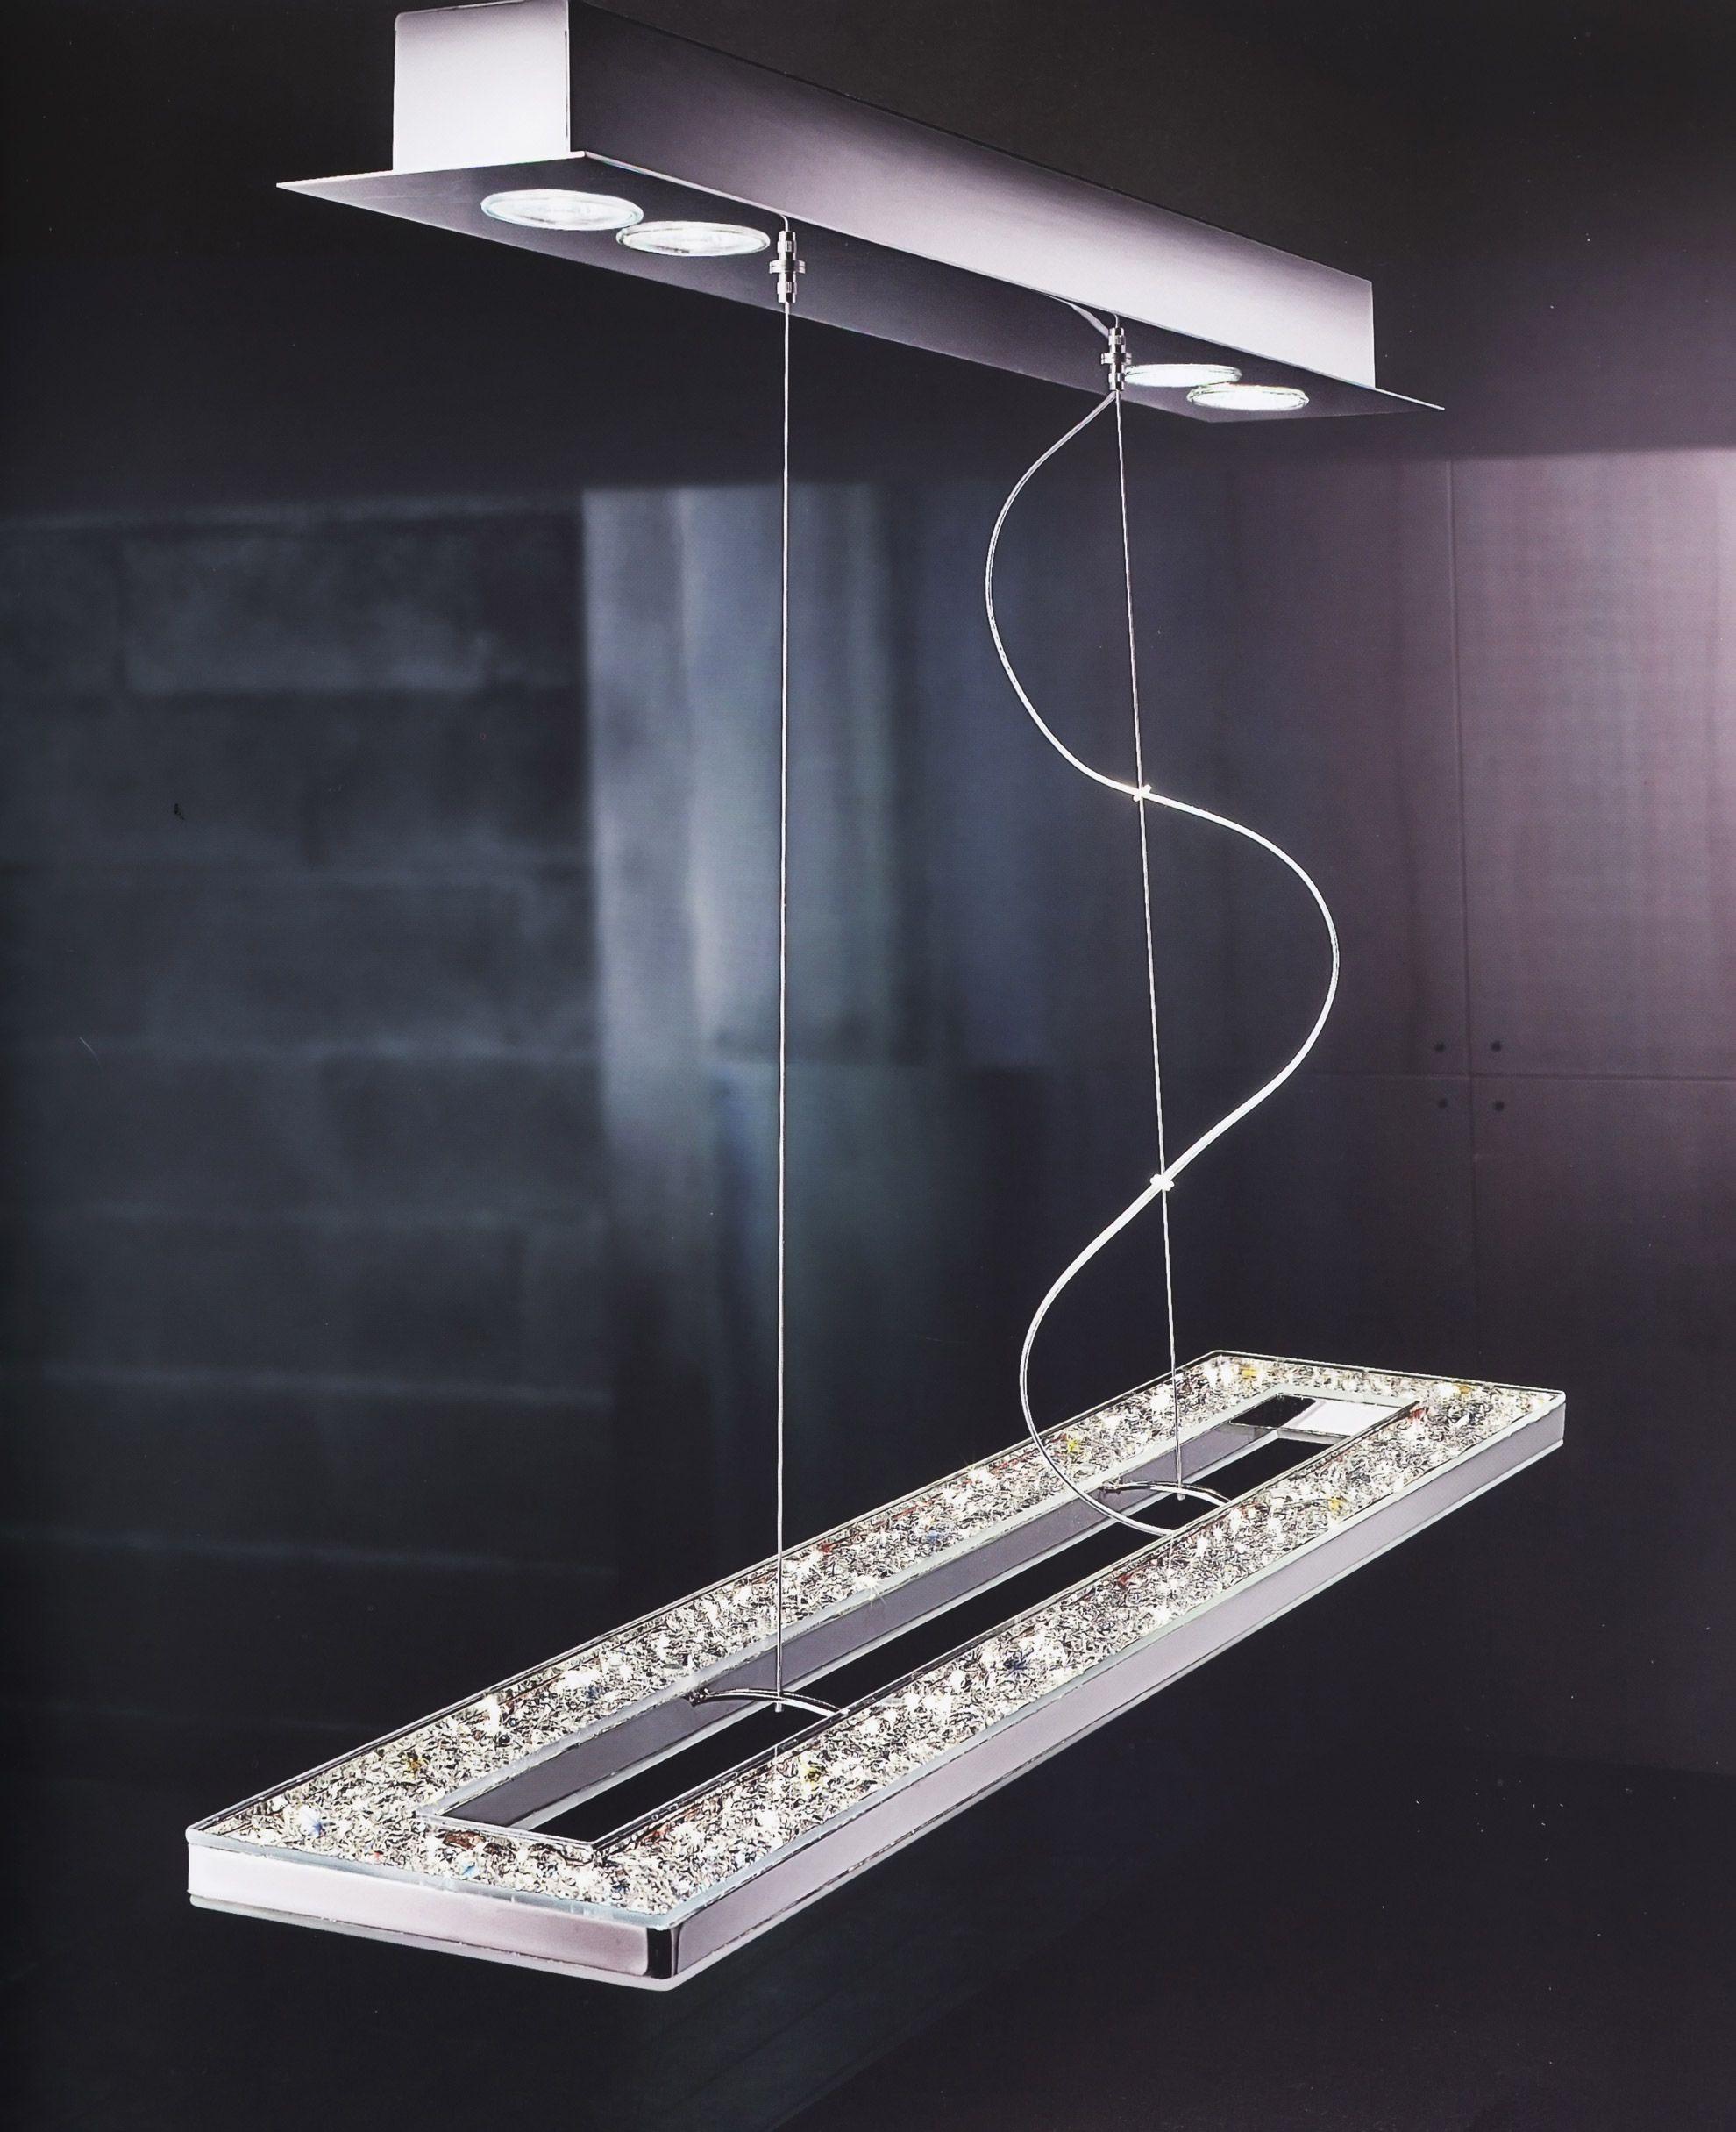 mal sp 7 267 h ngelampe von sillux h ngeleuchten innenleuchten platinlux der online. Black Bedroom Furniture Sets. Home Design Ideas